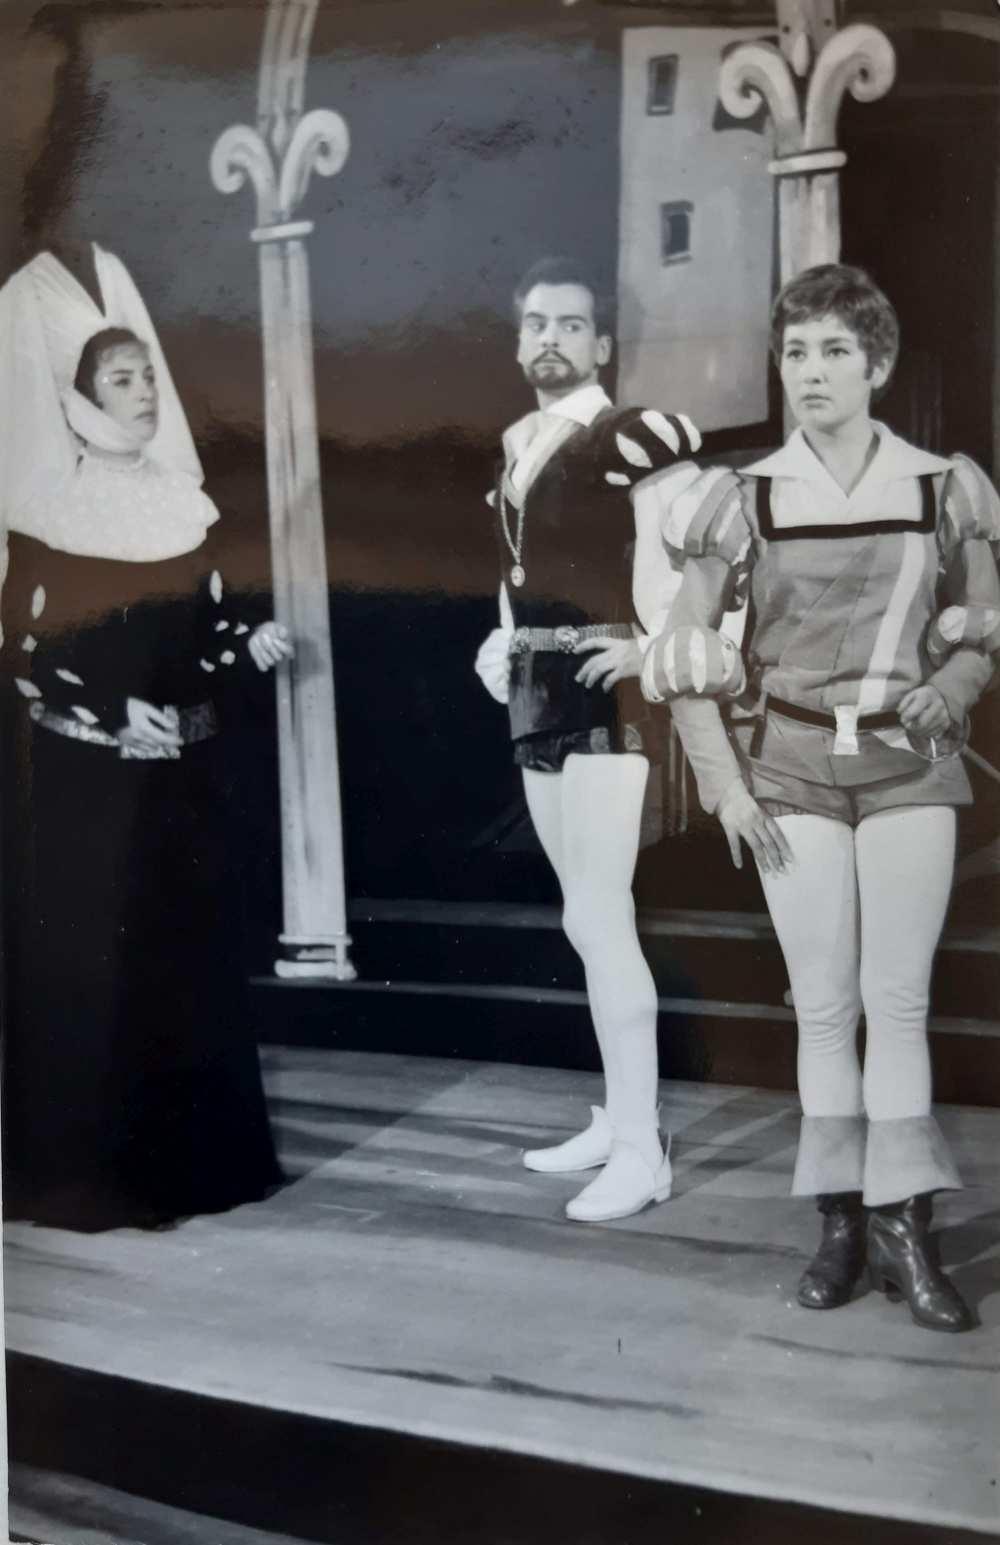 Tímár Éva mint Olívia, Latinovits Zoltán mint Orsino és Szabó Ildikó mint Viola Shakespeare Vízkereszt című vígjátékának 1961-es debreceni előadásában – Színháztörténeti és Zeneműtár